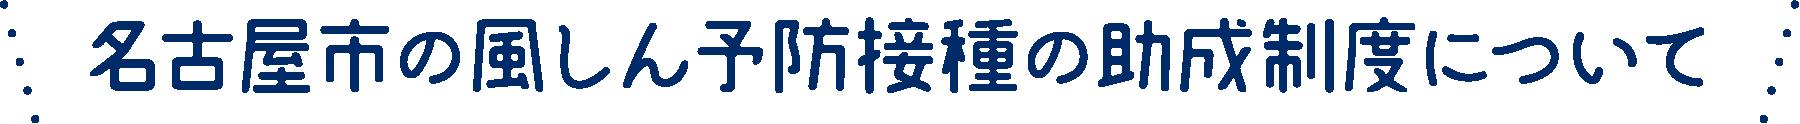 名古屋市の風しん予防接種の助成制度について